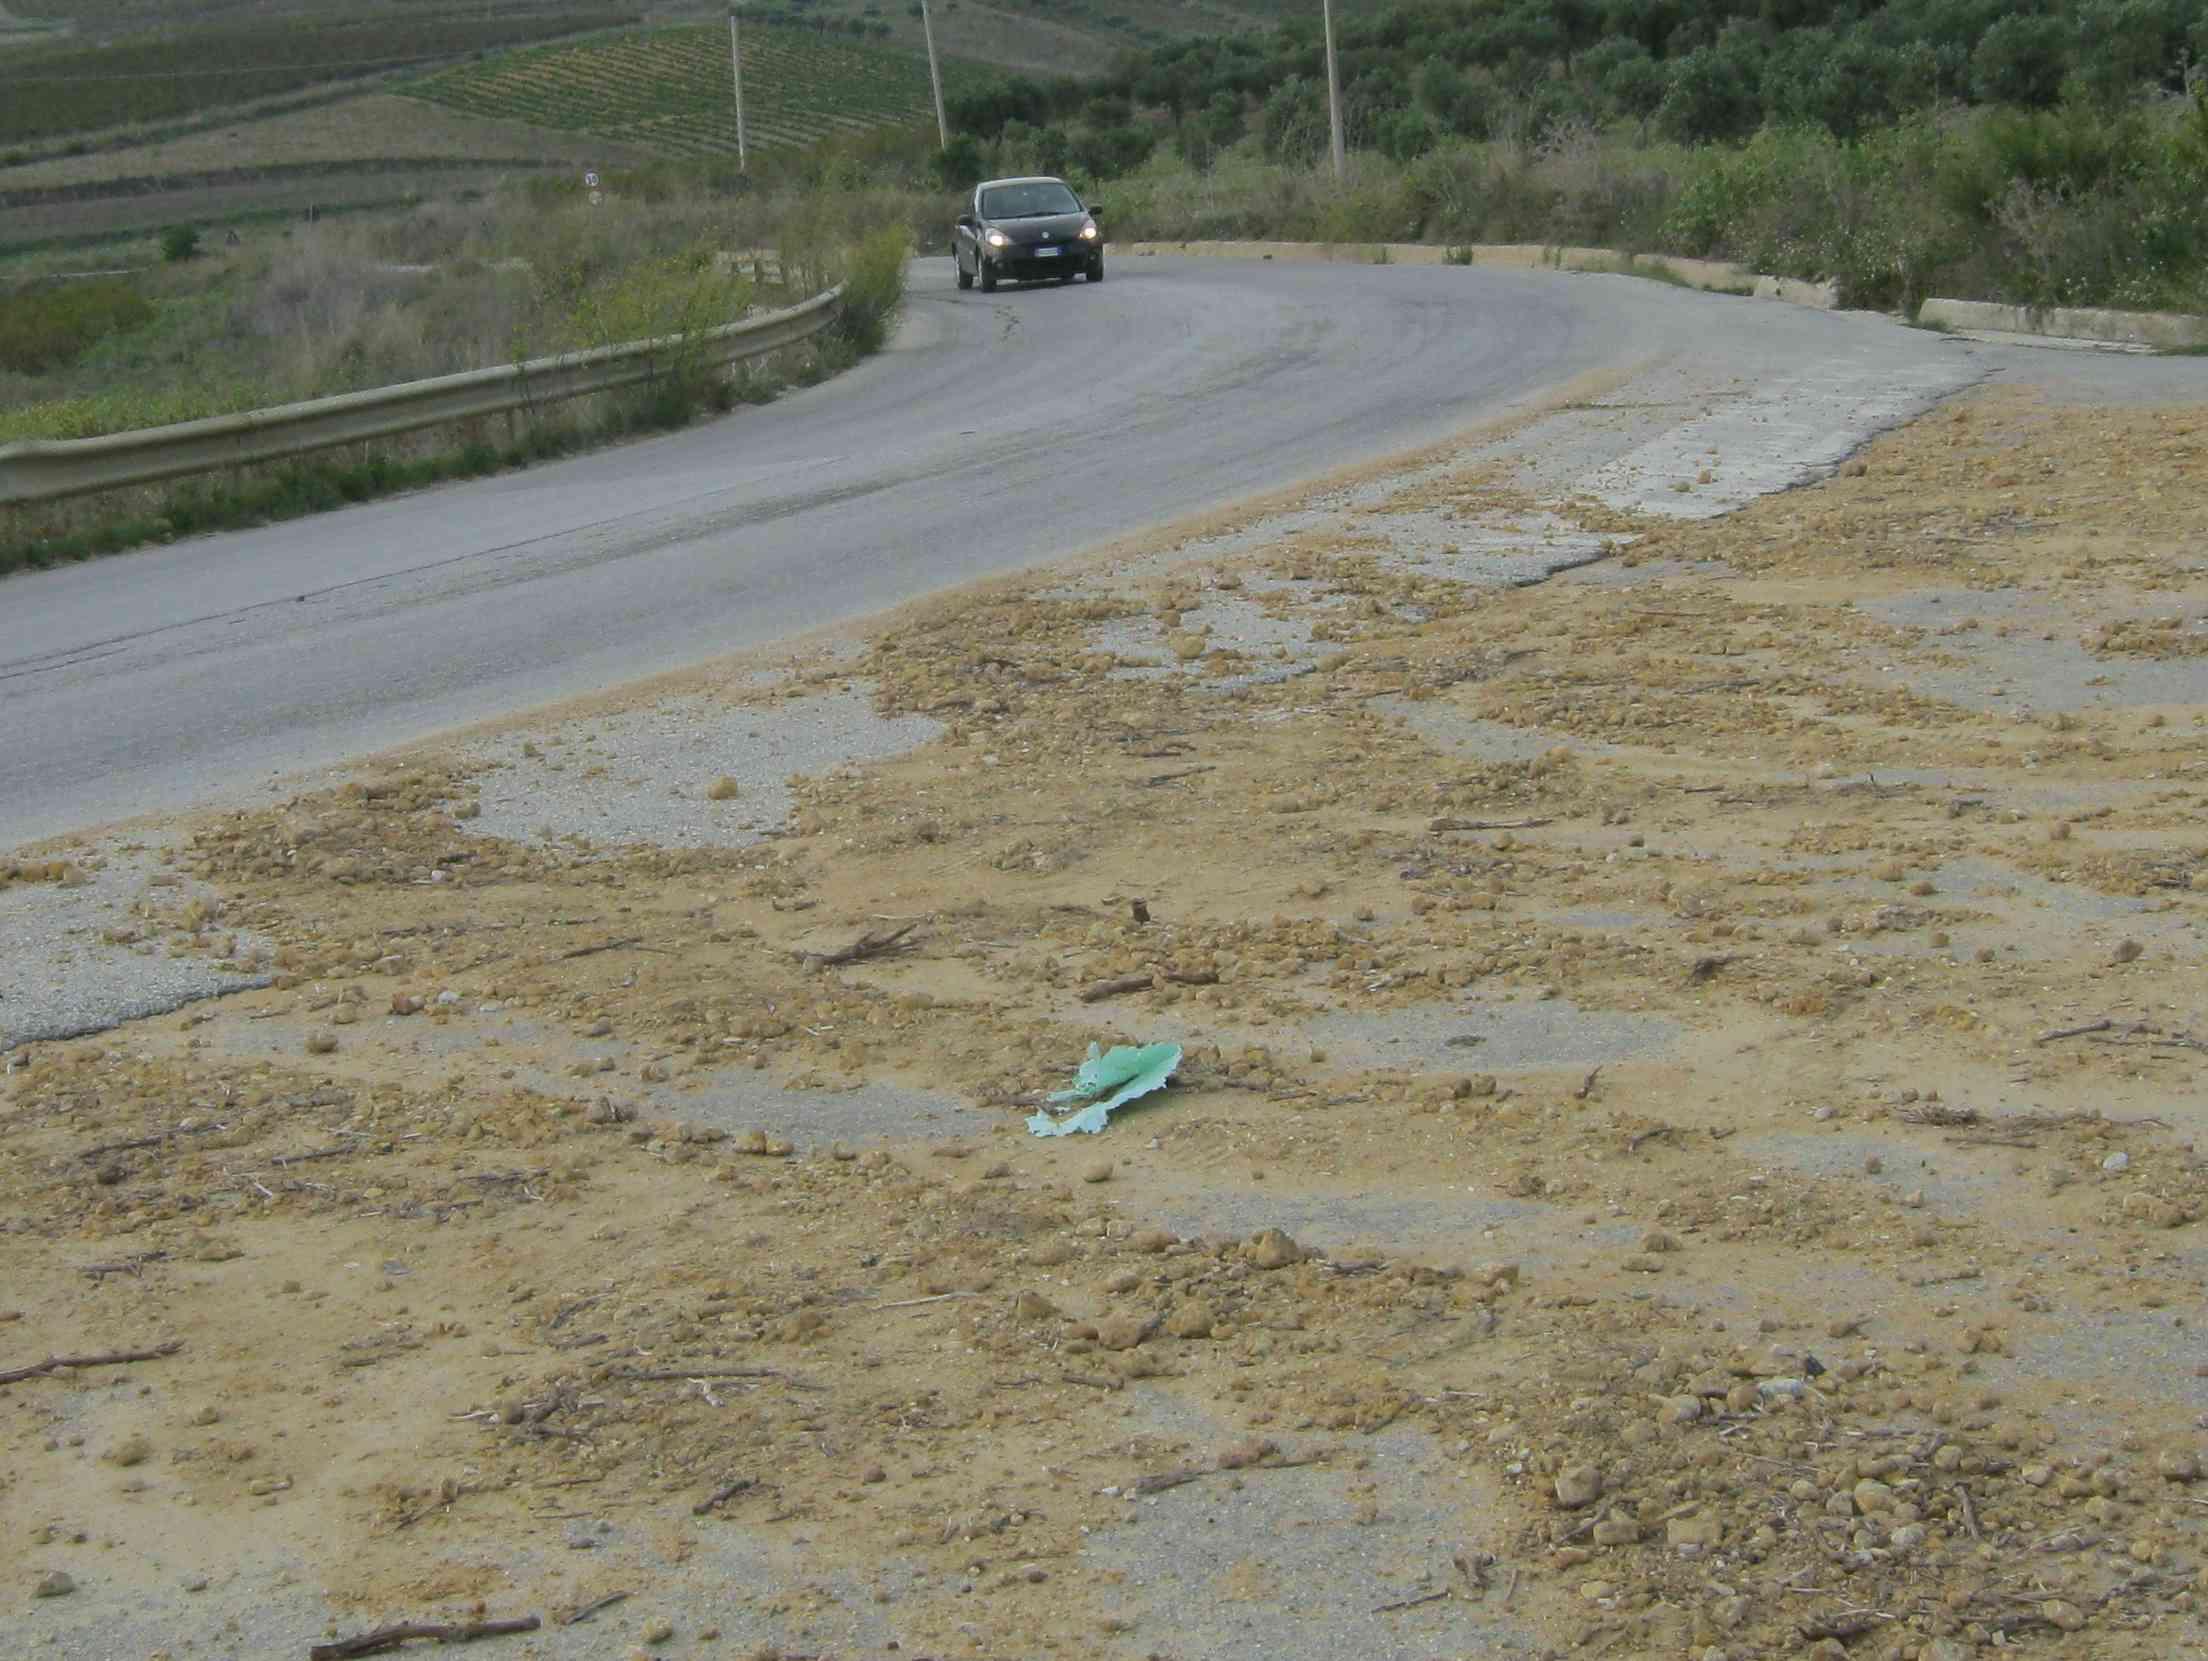 Immagine articolo: Sempre più dissestata la strada 70 tra Sambuca e S. Margherita. Disagi quotidiani per gli automobilisti